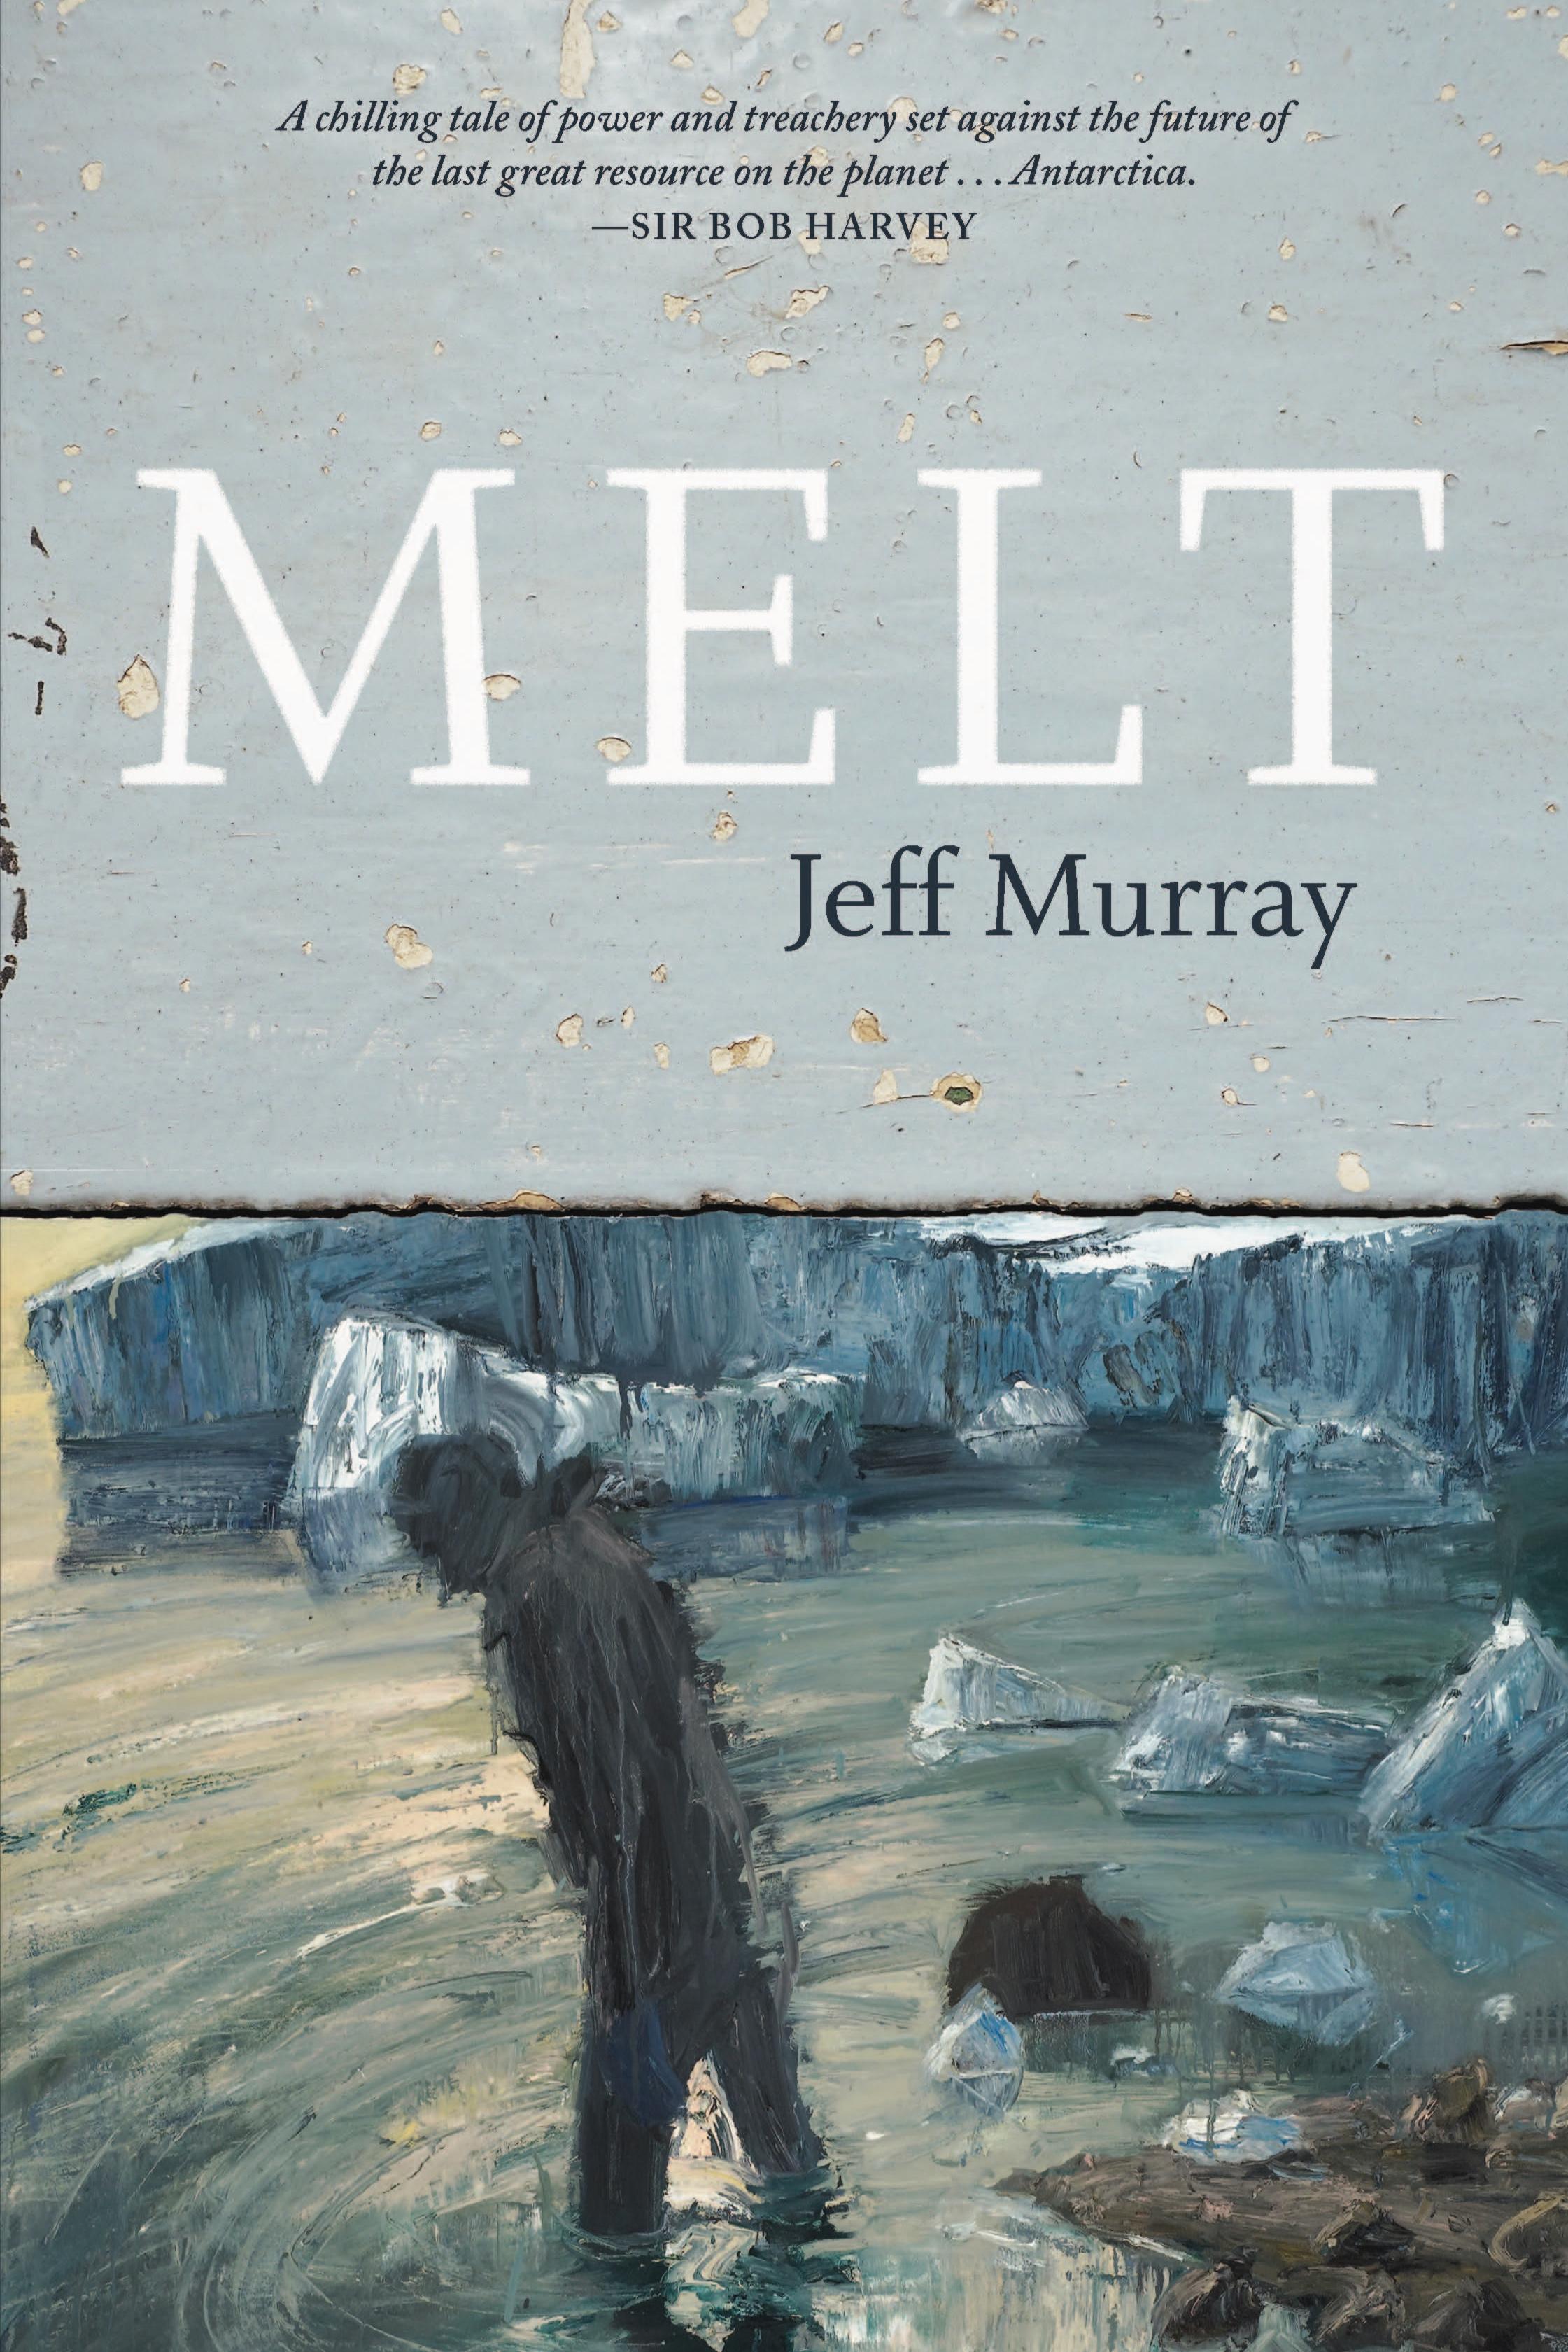 Portfolio — Mary Egan Publishing